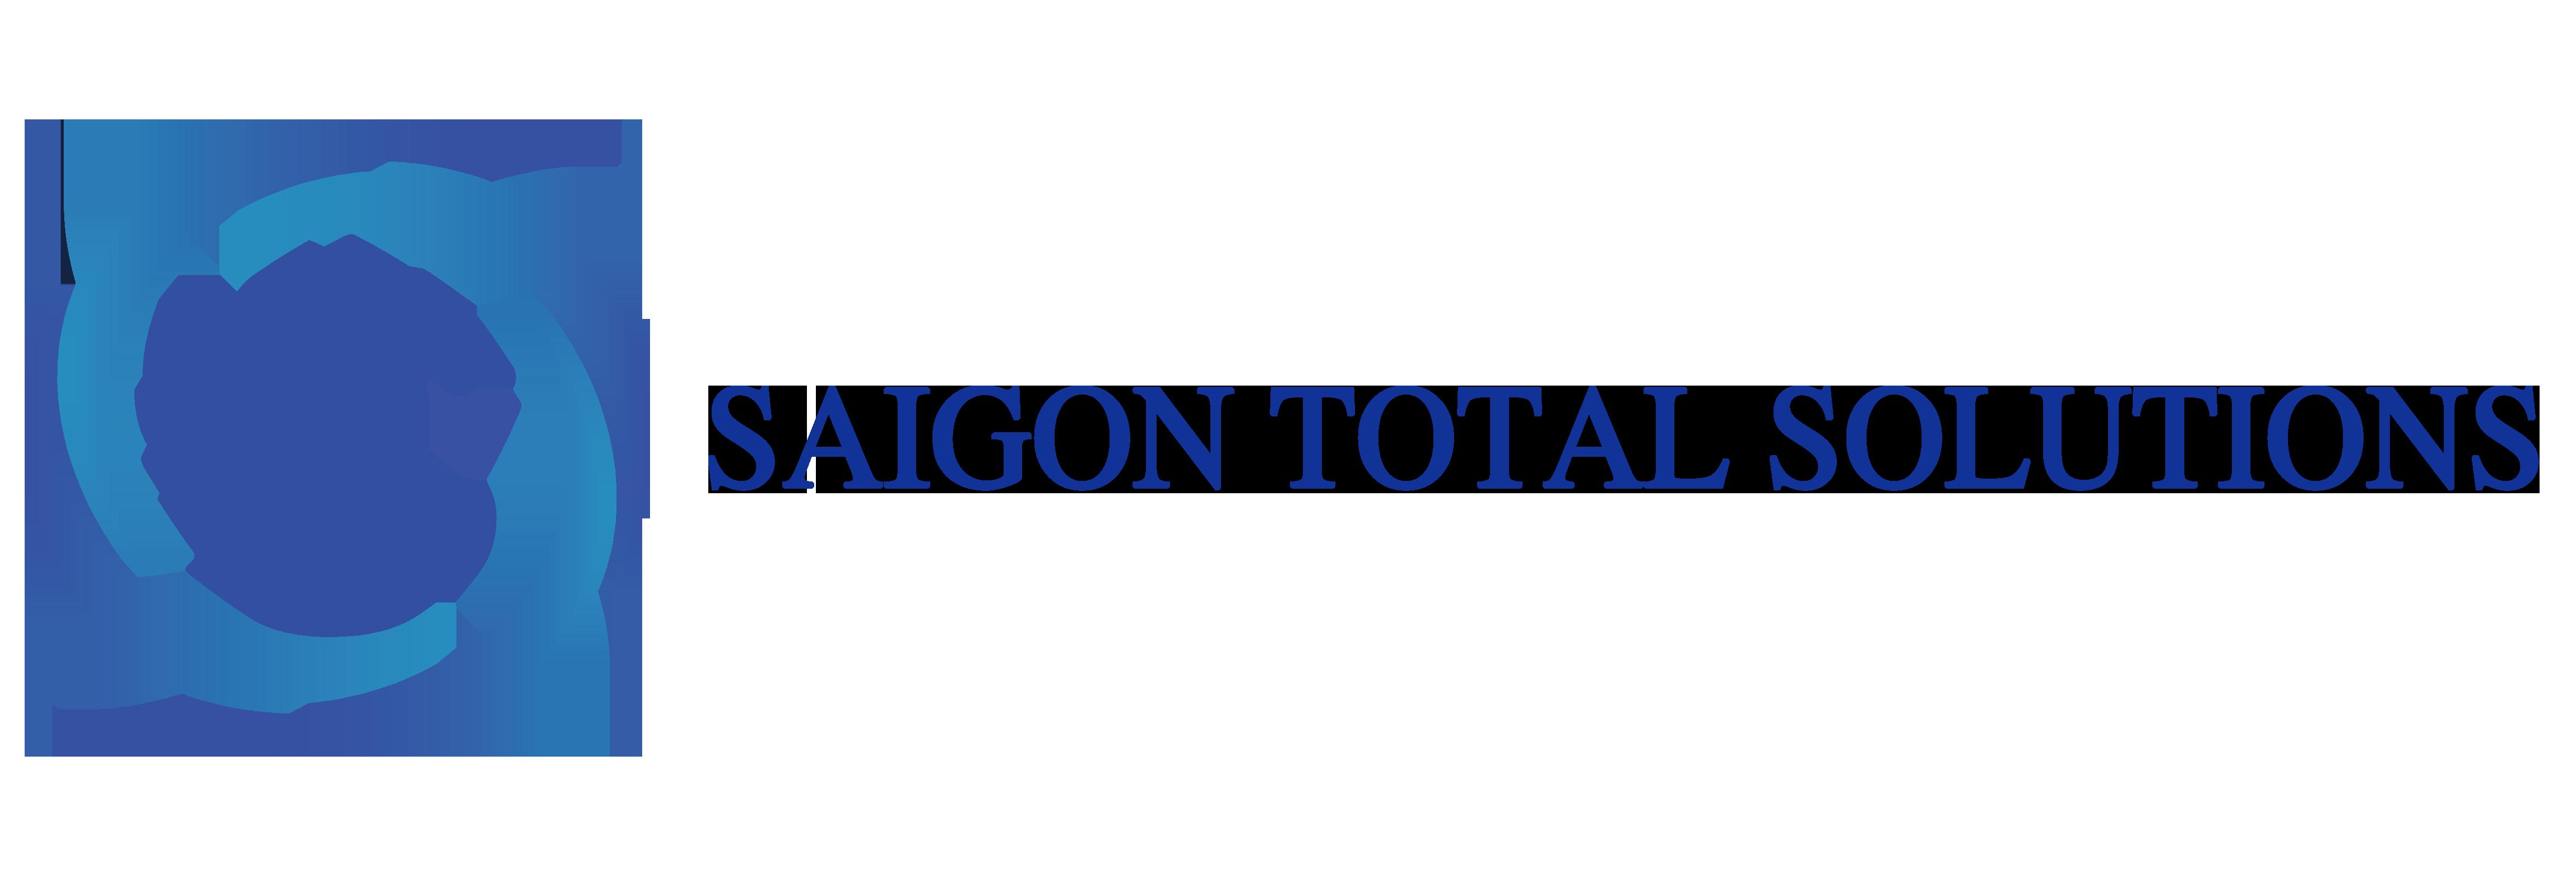 SAIGON TS CORP